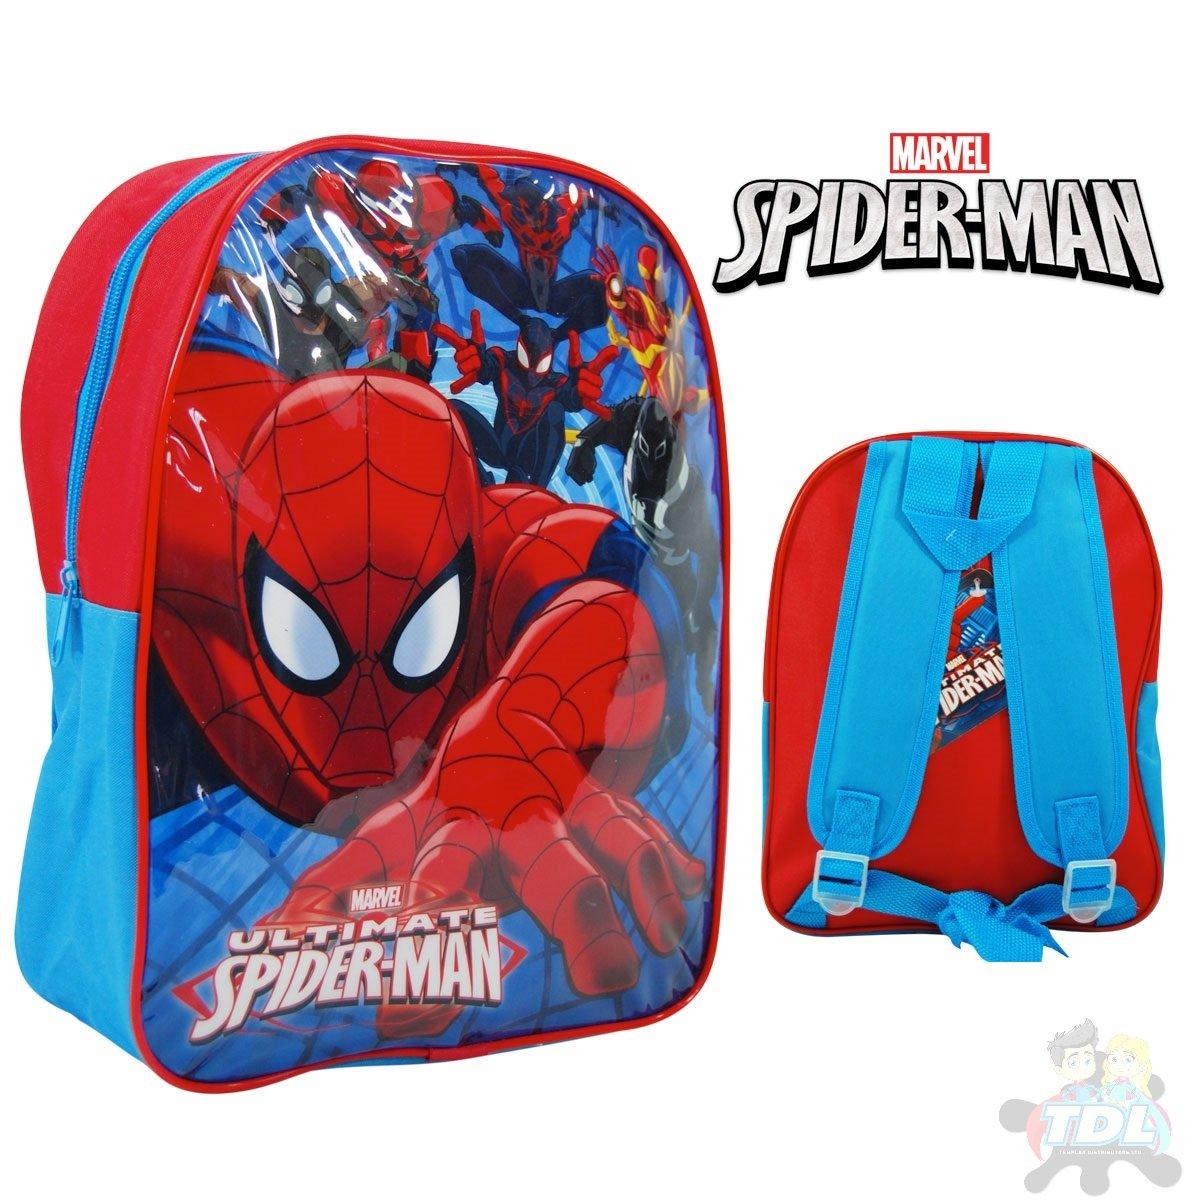 Marvel 1023 ahv-5730t Ultimate Spiderman Mochila, 41 cm: Amazon.es: Juguetes y juegos